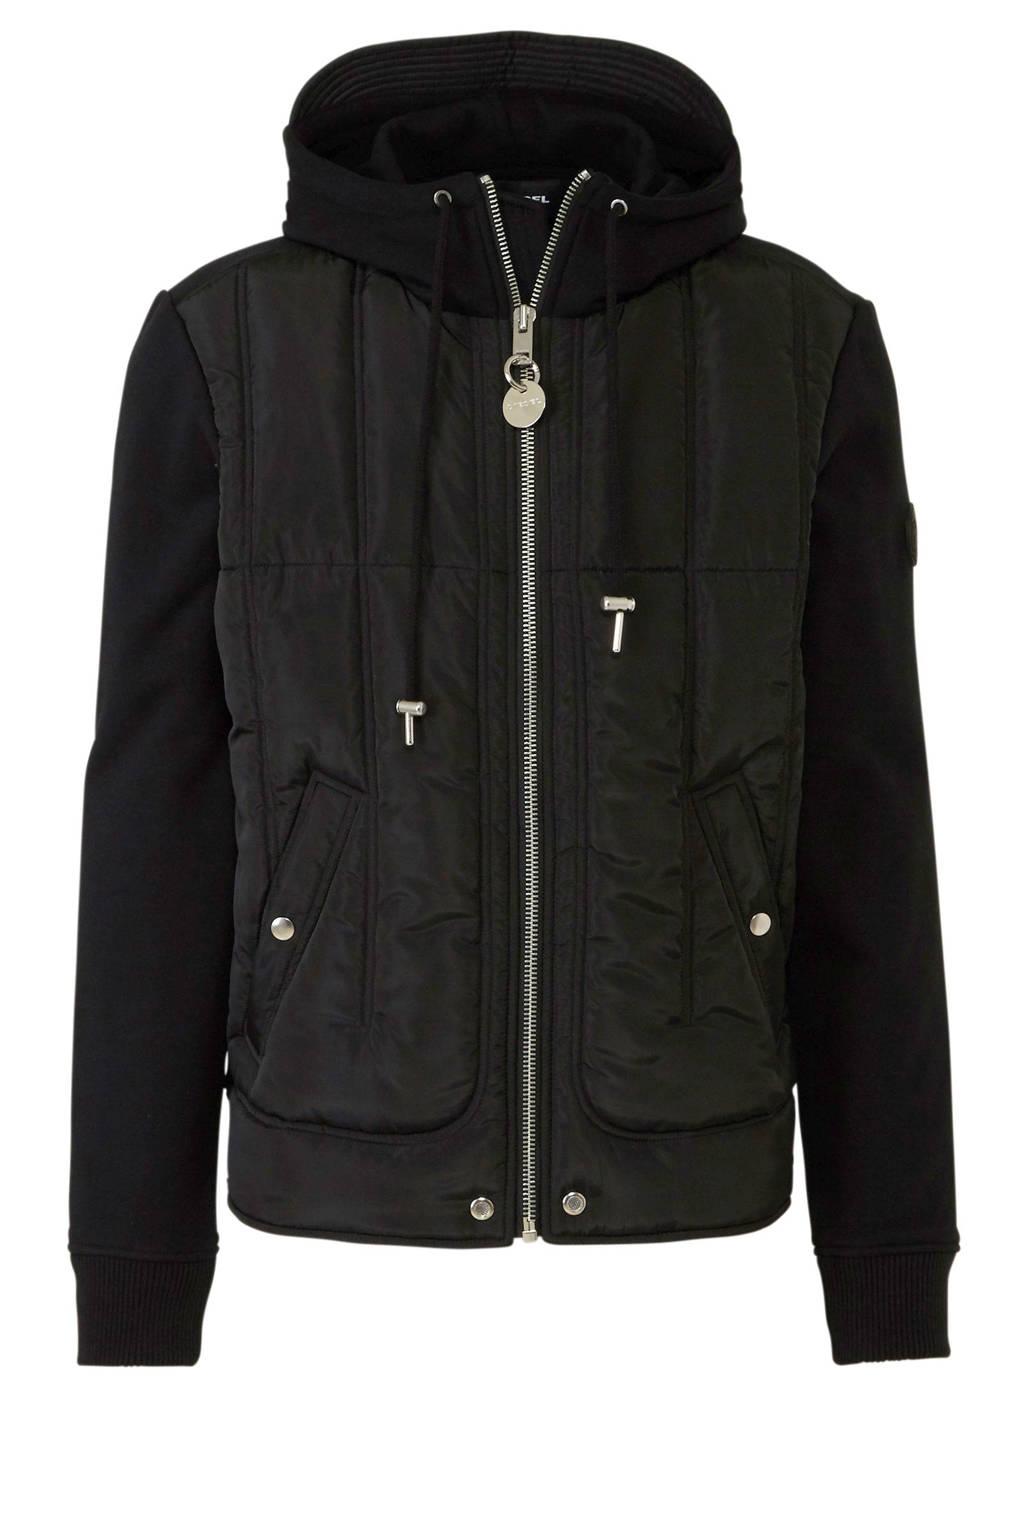 Diesel jas, Zwart